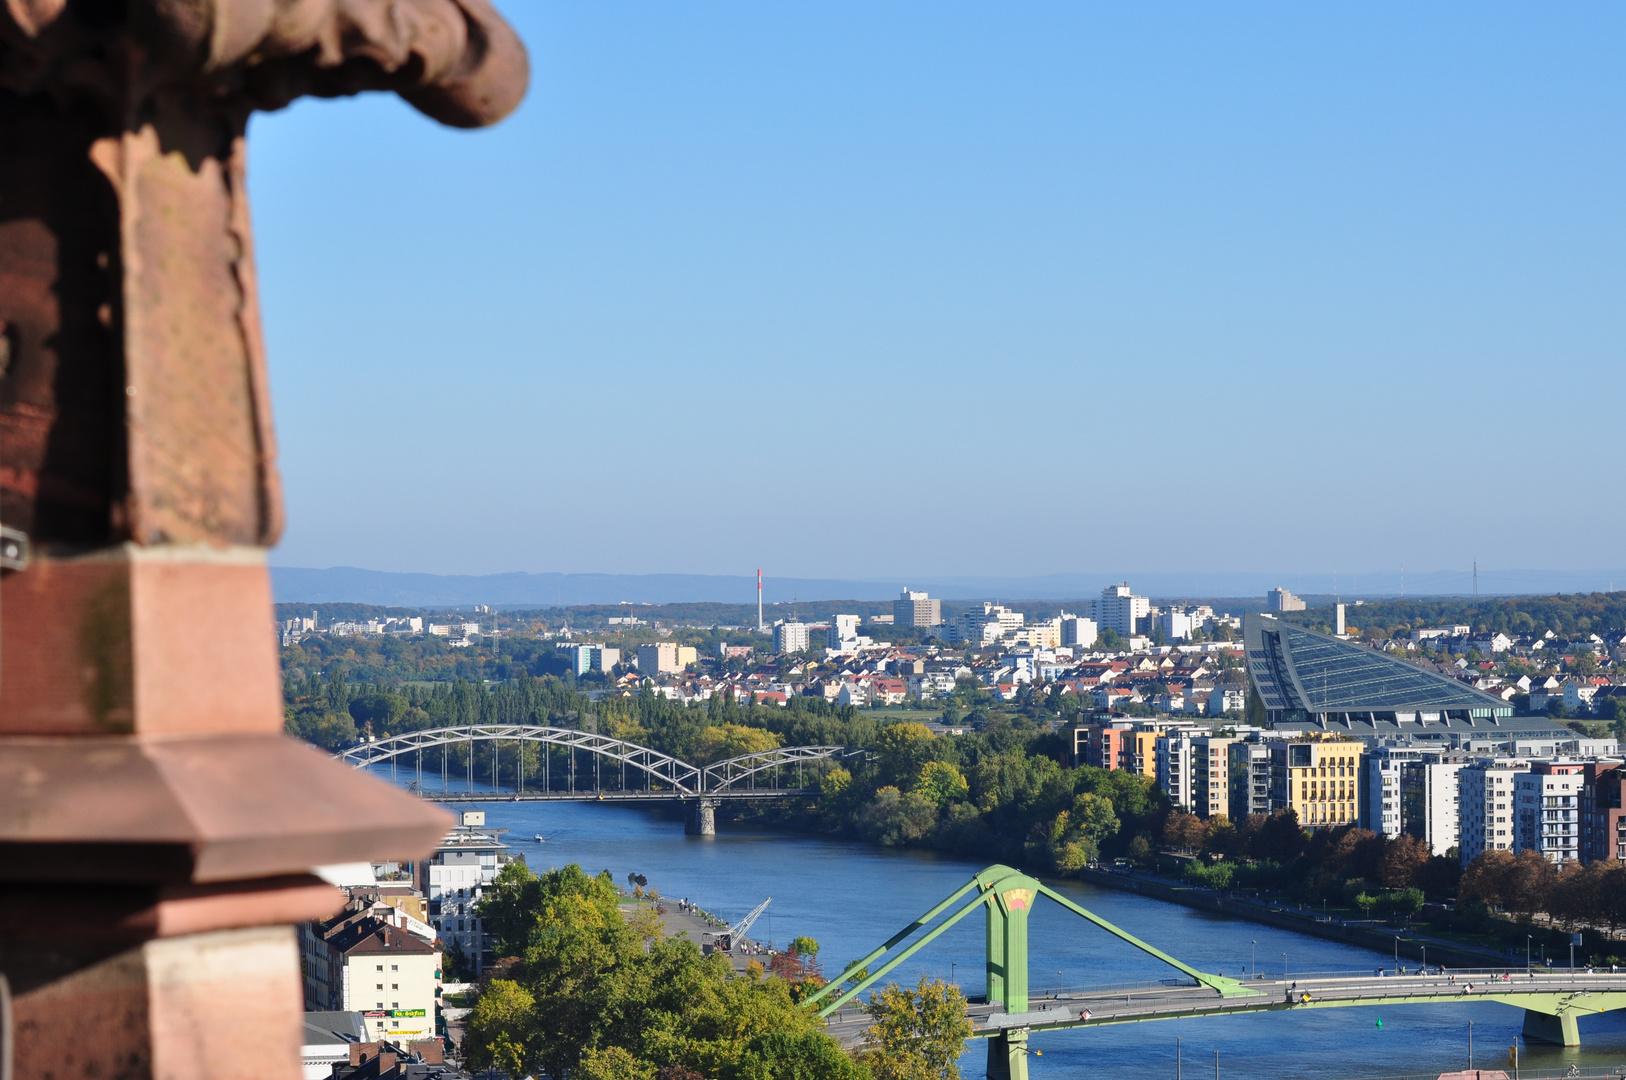 Frankfurt vom Dom Turm